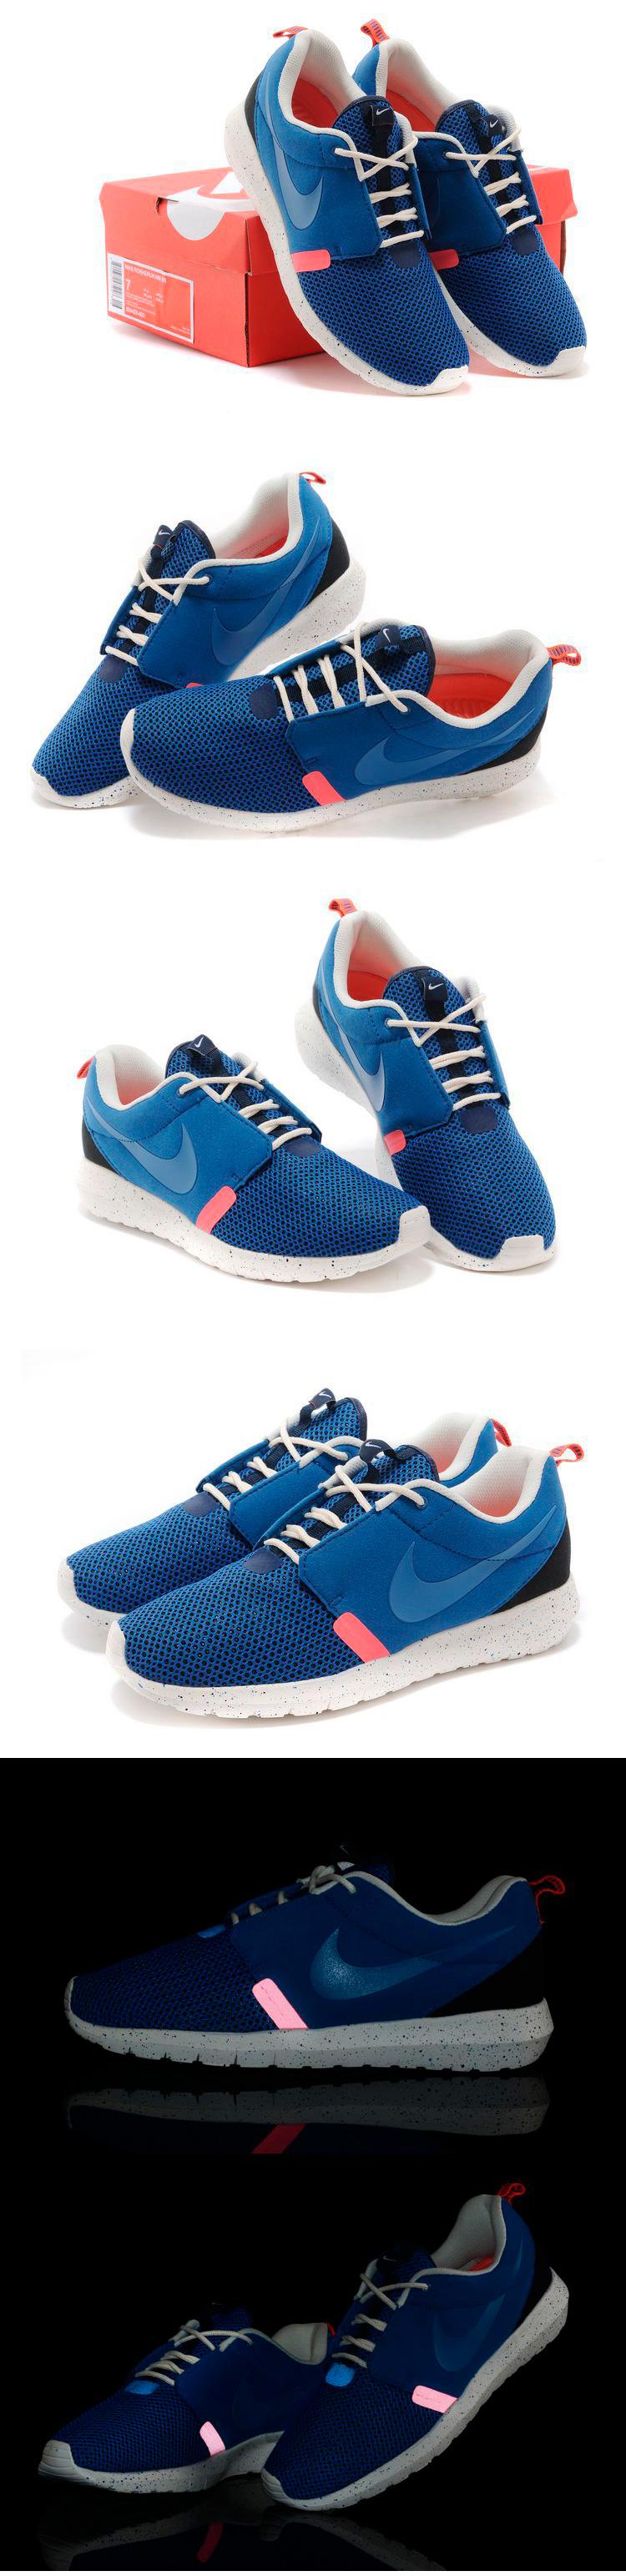 большое фото №6 Nike Roshe Run NM BR 644425 400